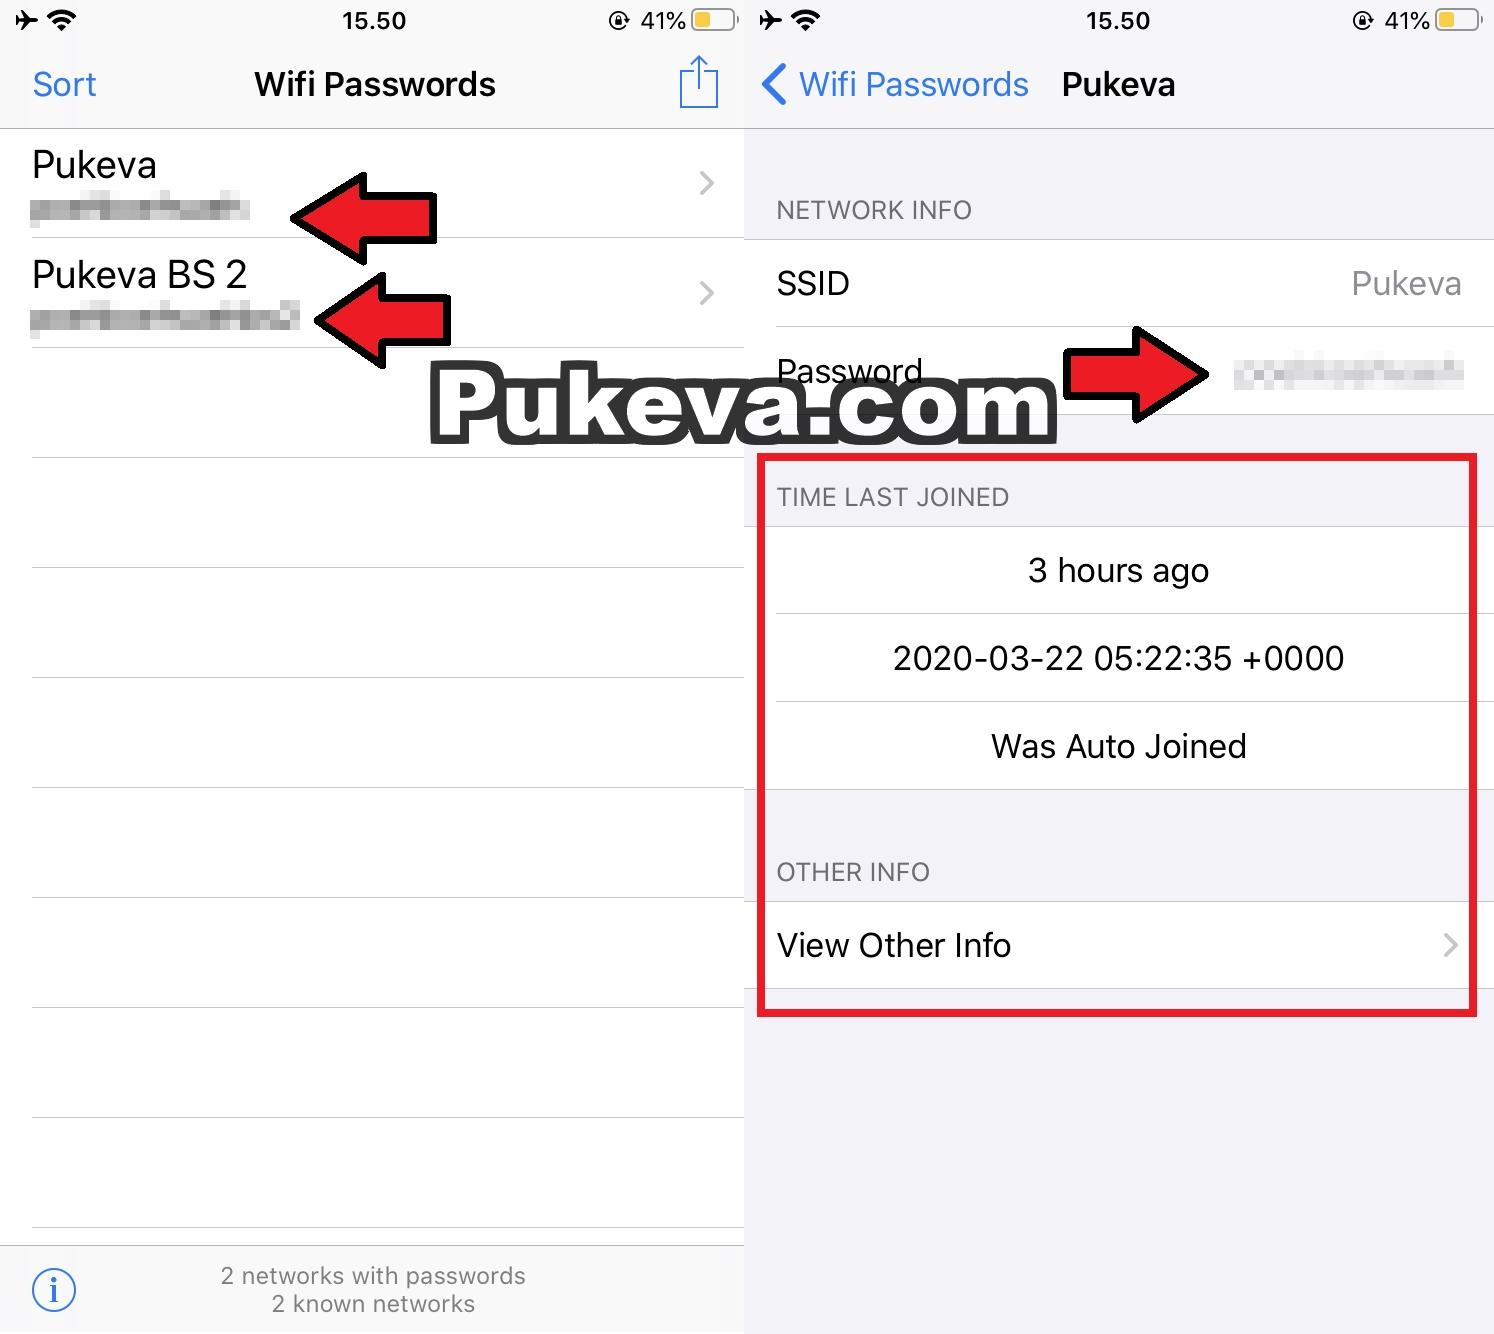 Cara Melihat Password WIFI di iPhone Menggunakan Wifi Passwords